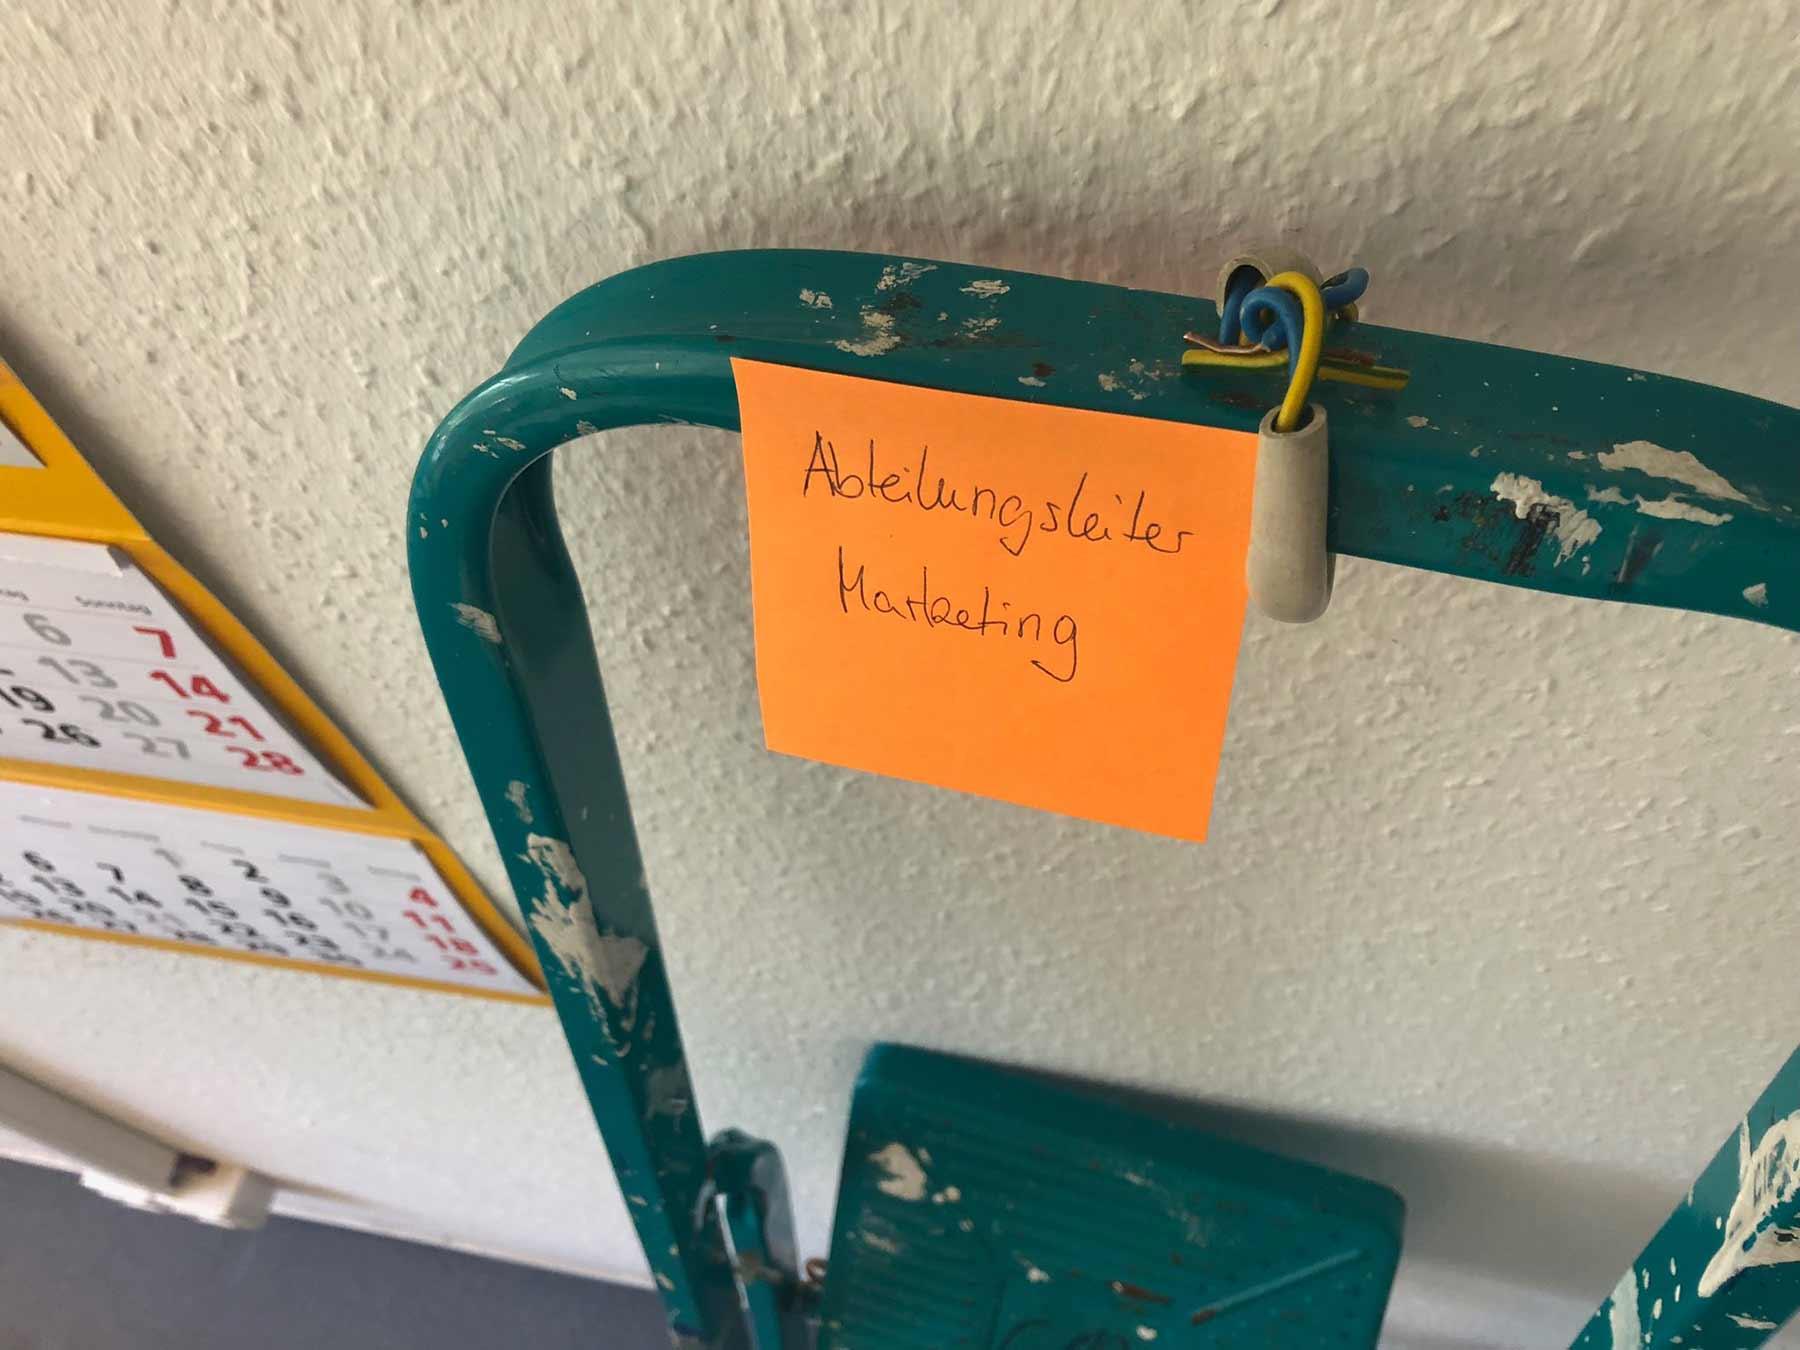 Bilderparade DXIX LangweileDich.net_Bilderparade_DXIX_56